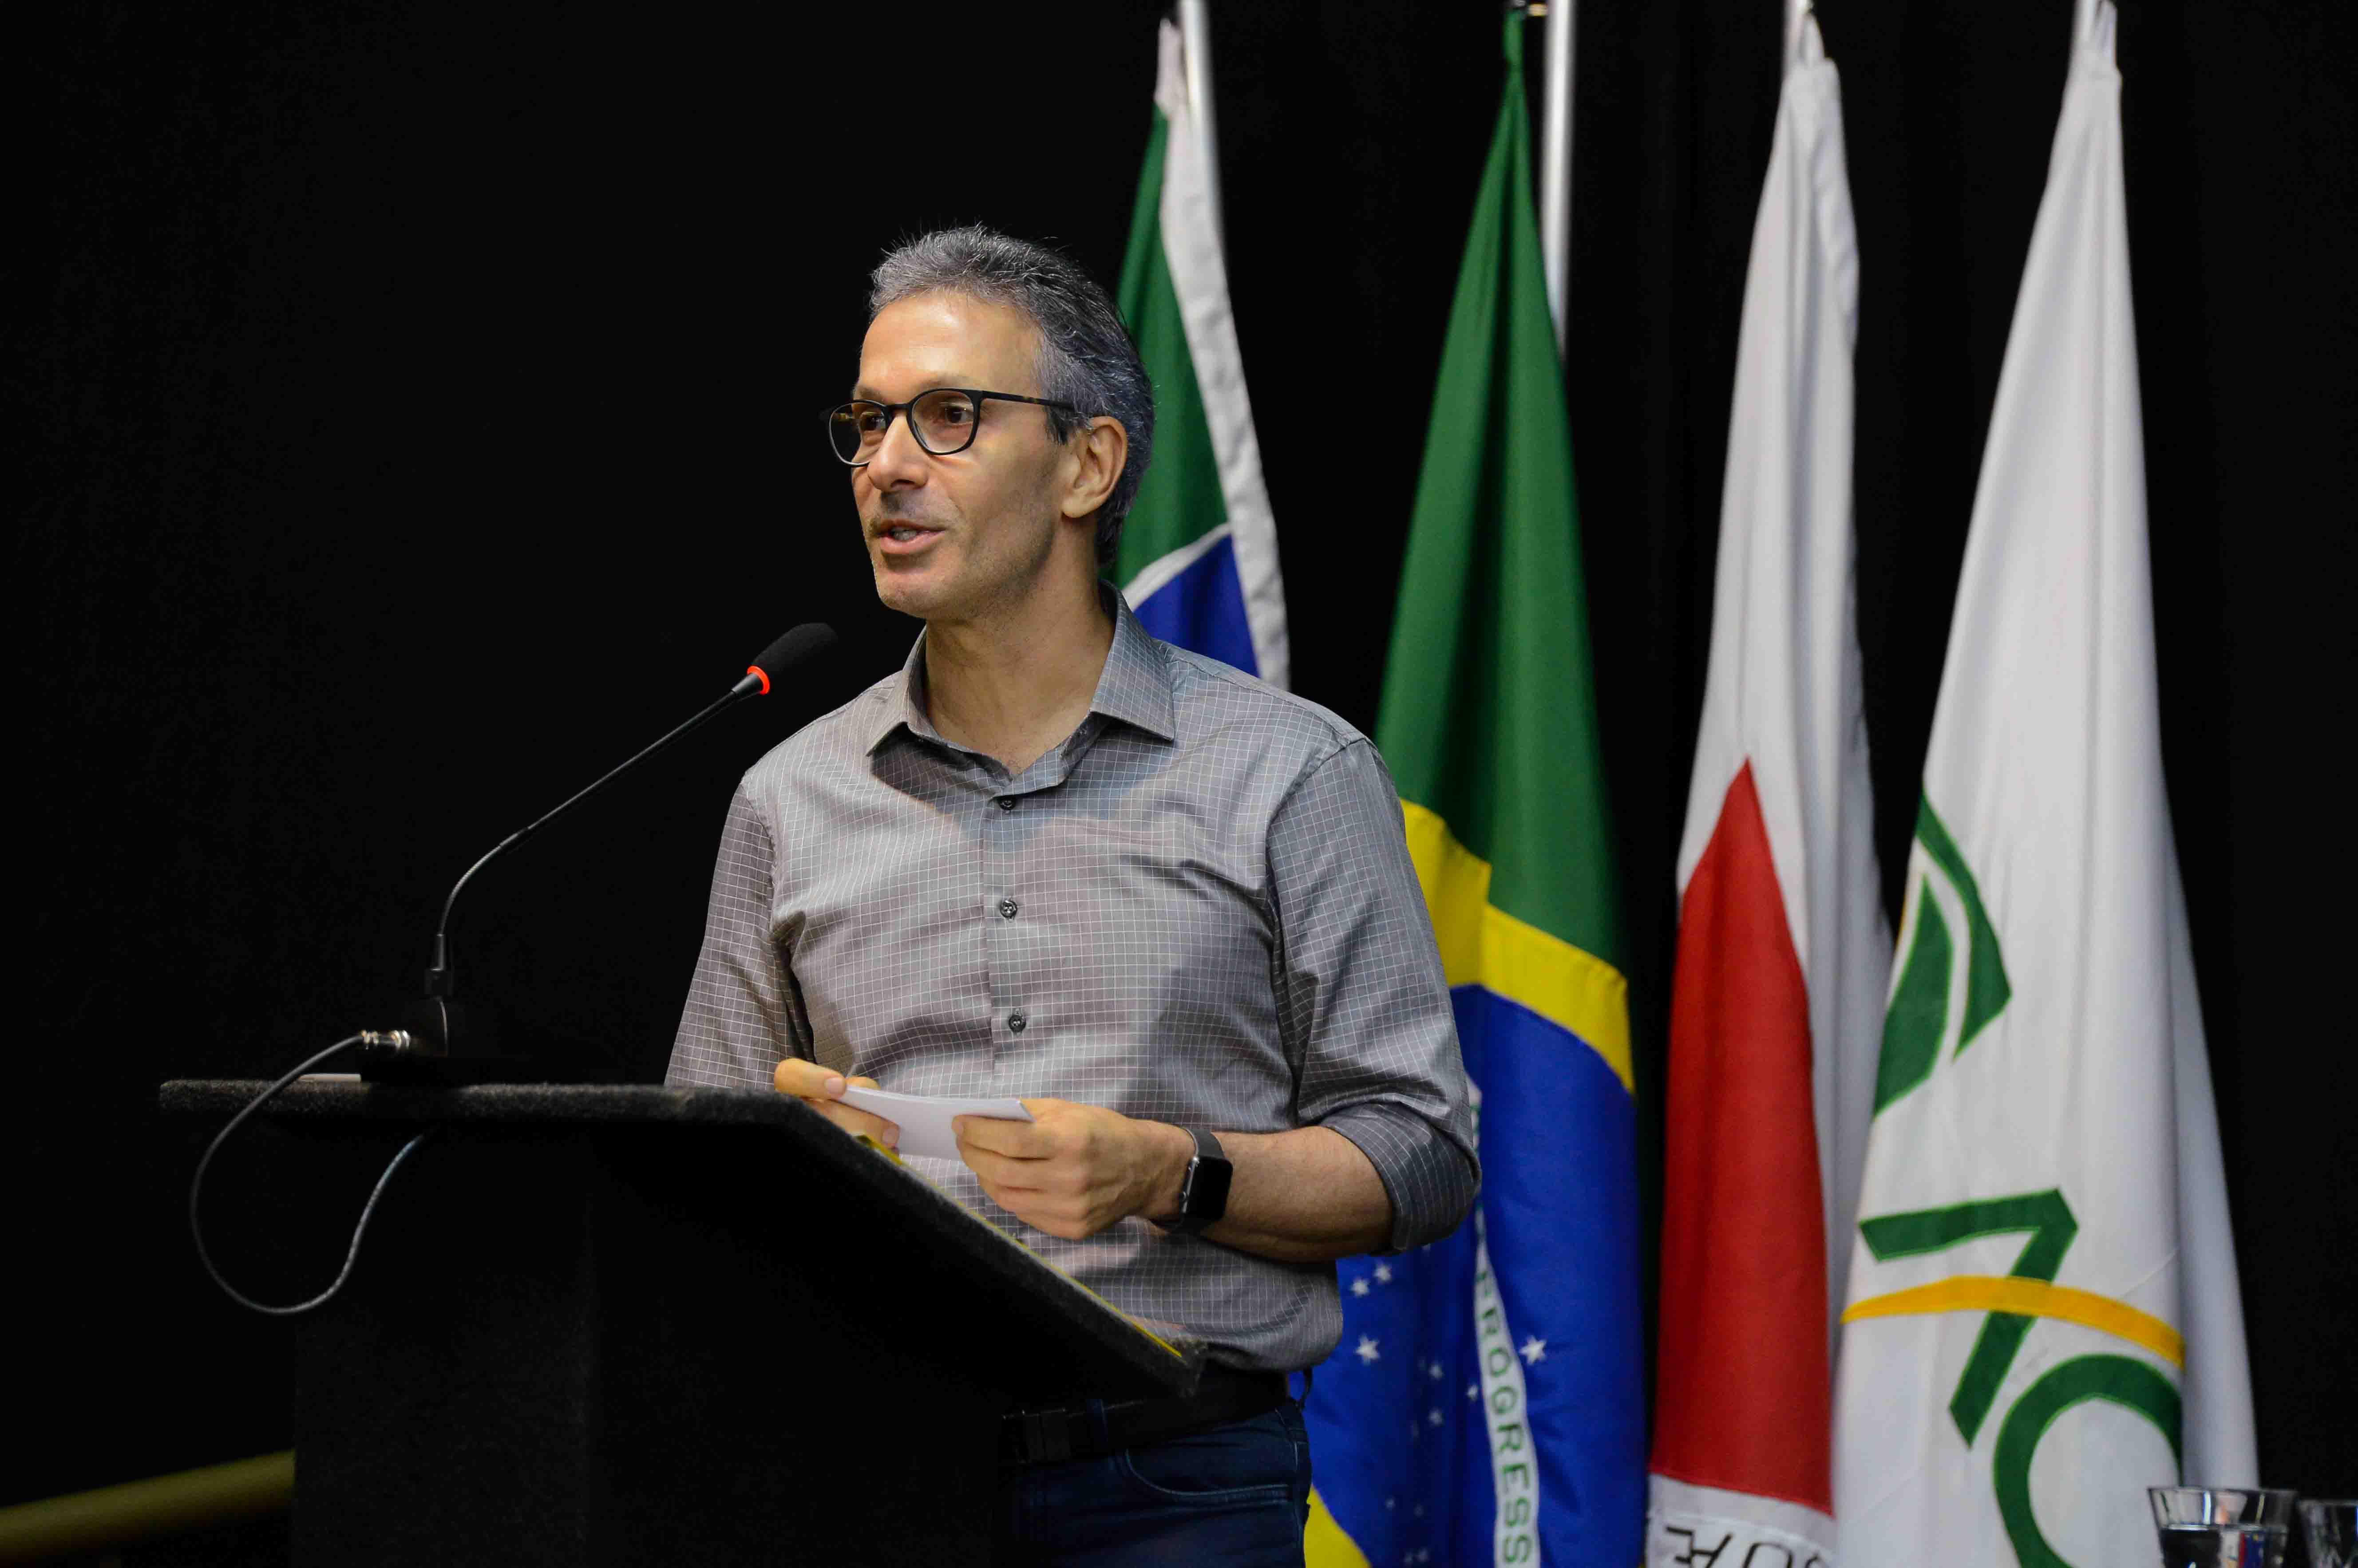 Gestão de Romeu Zema apresenta resultado positivo no controle das despesas no primeiro bimestre de 2019